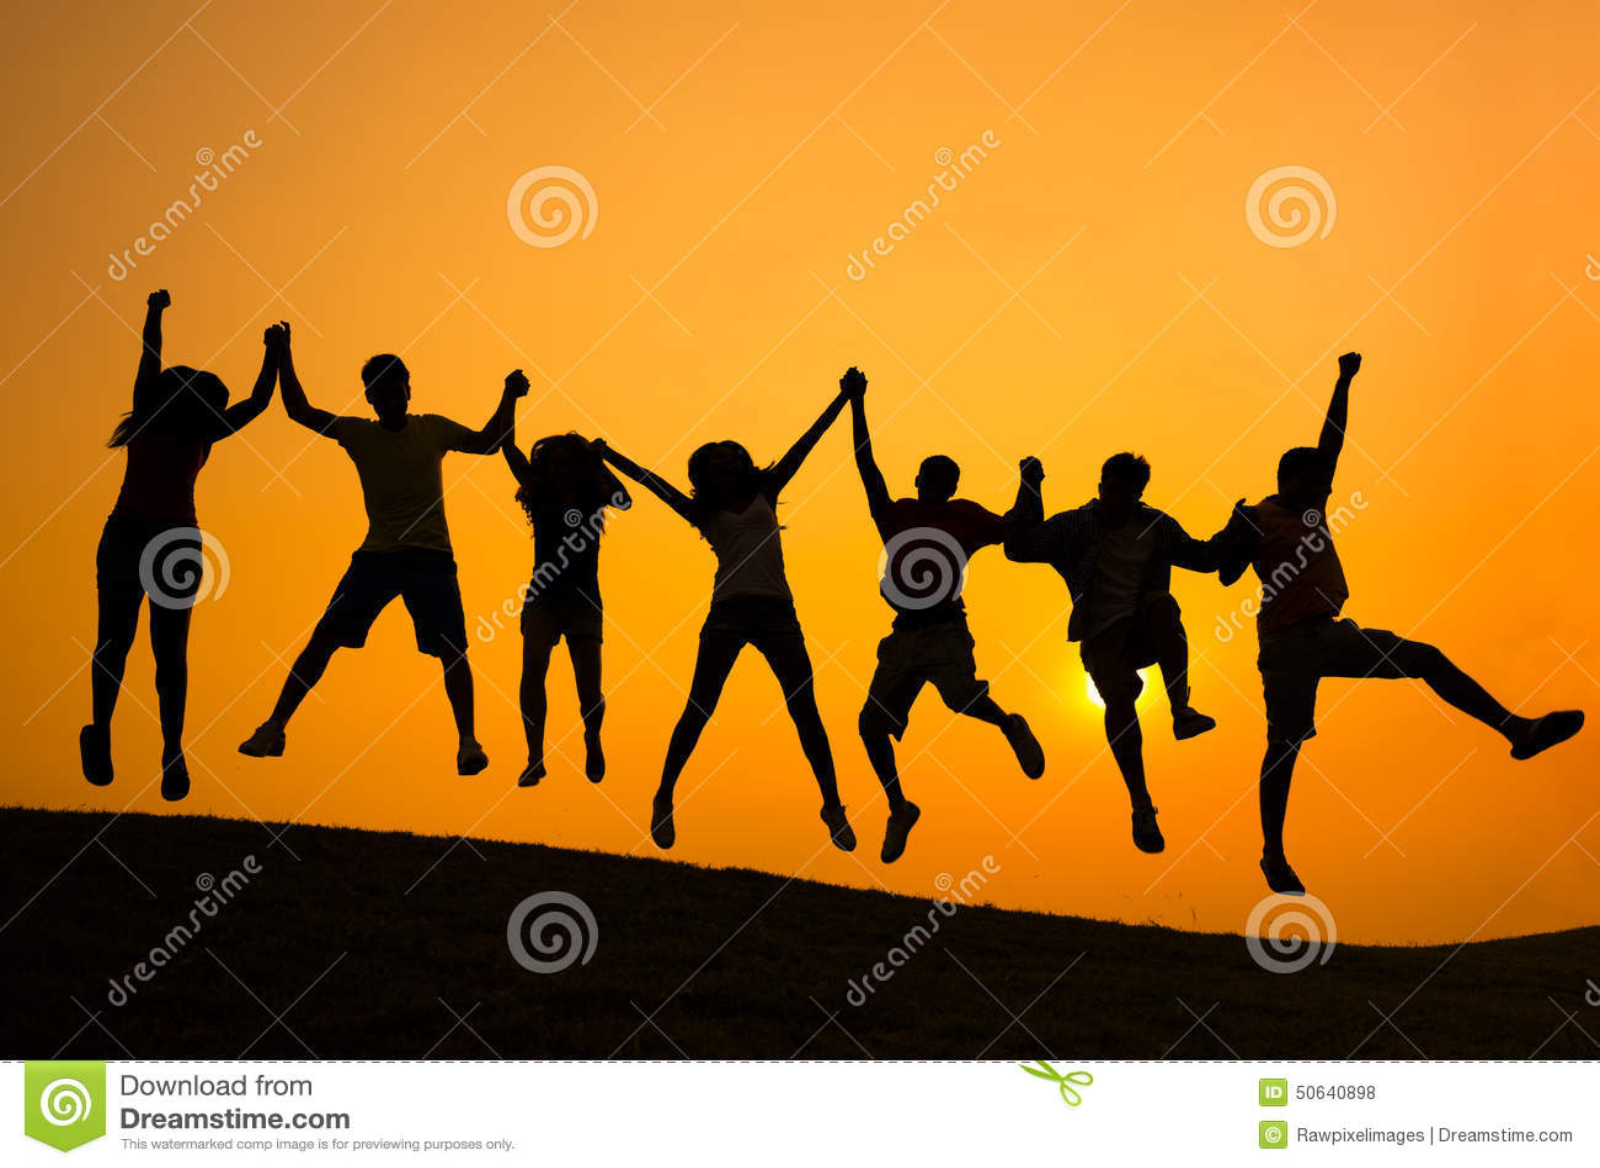 Κοινοτική έννοια ευτυχίας επιτεύγματος επιτυχίας